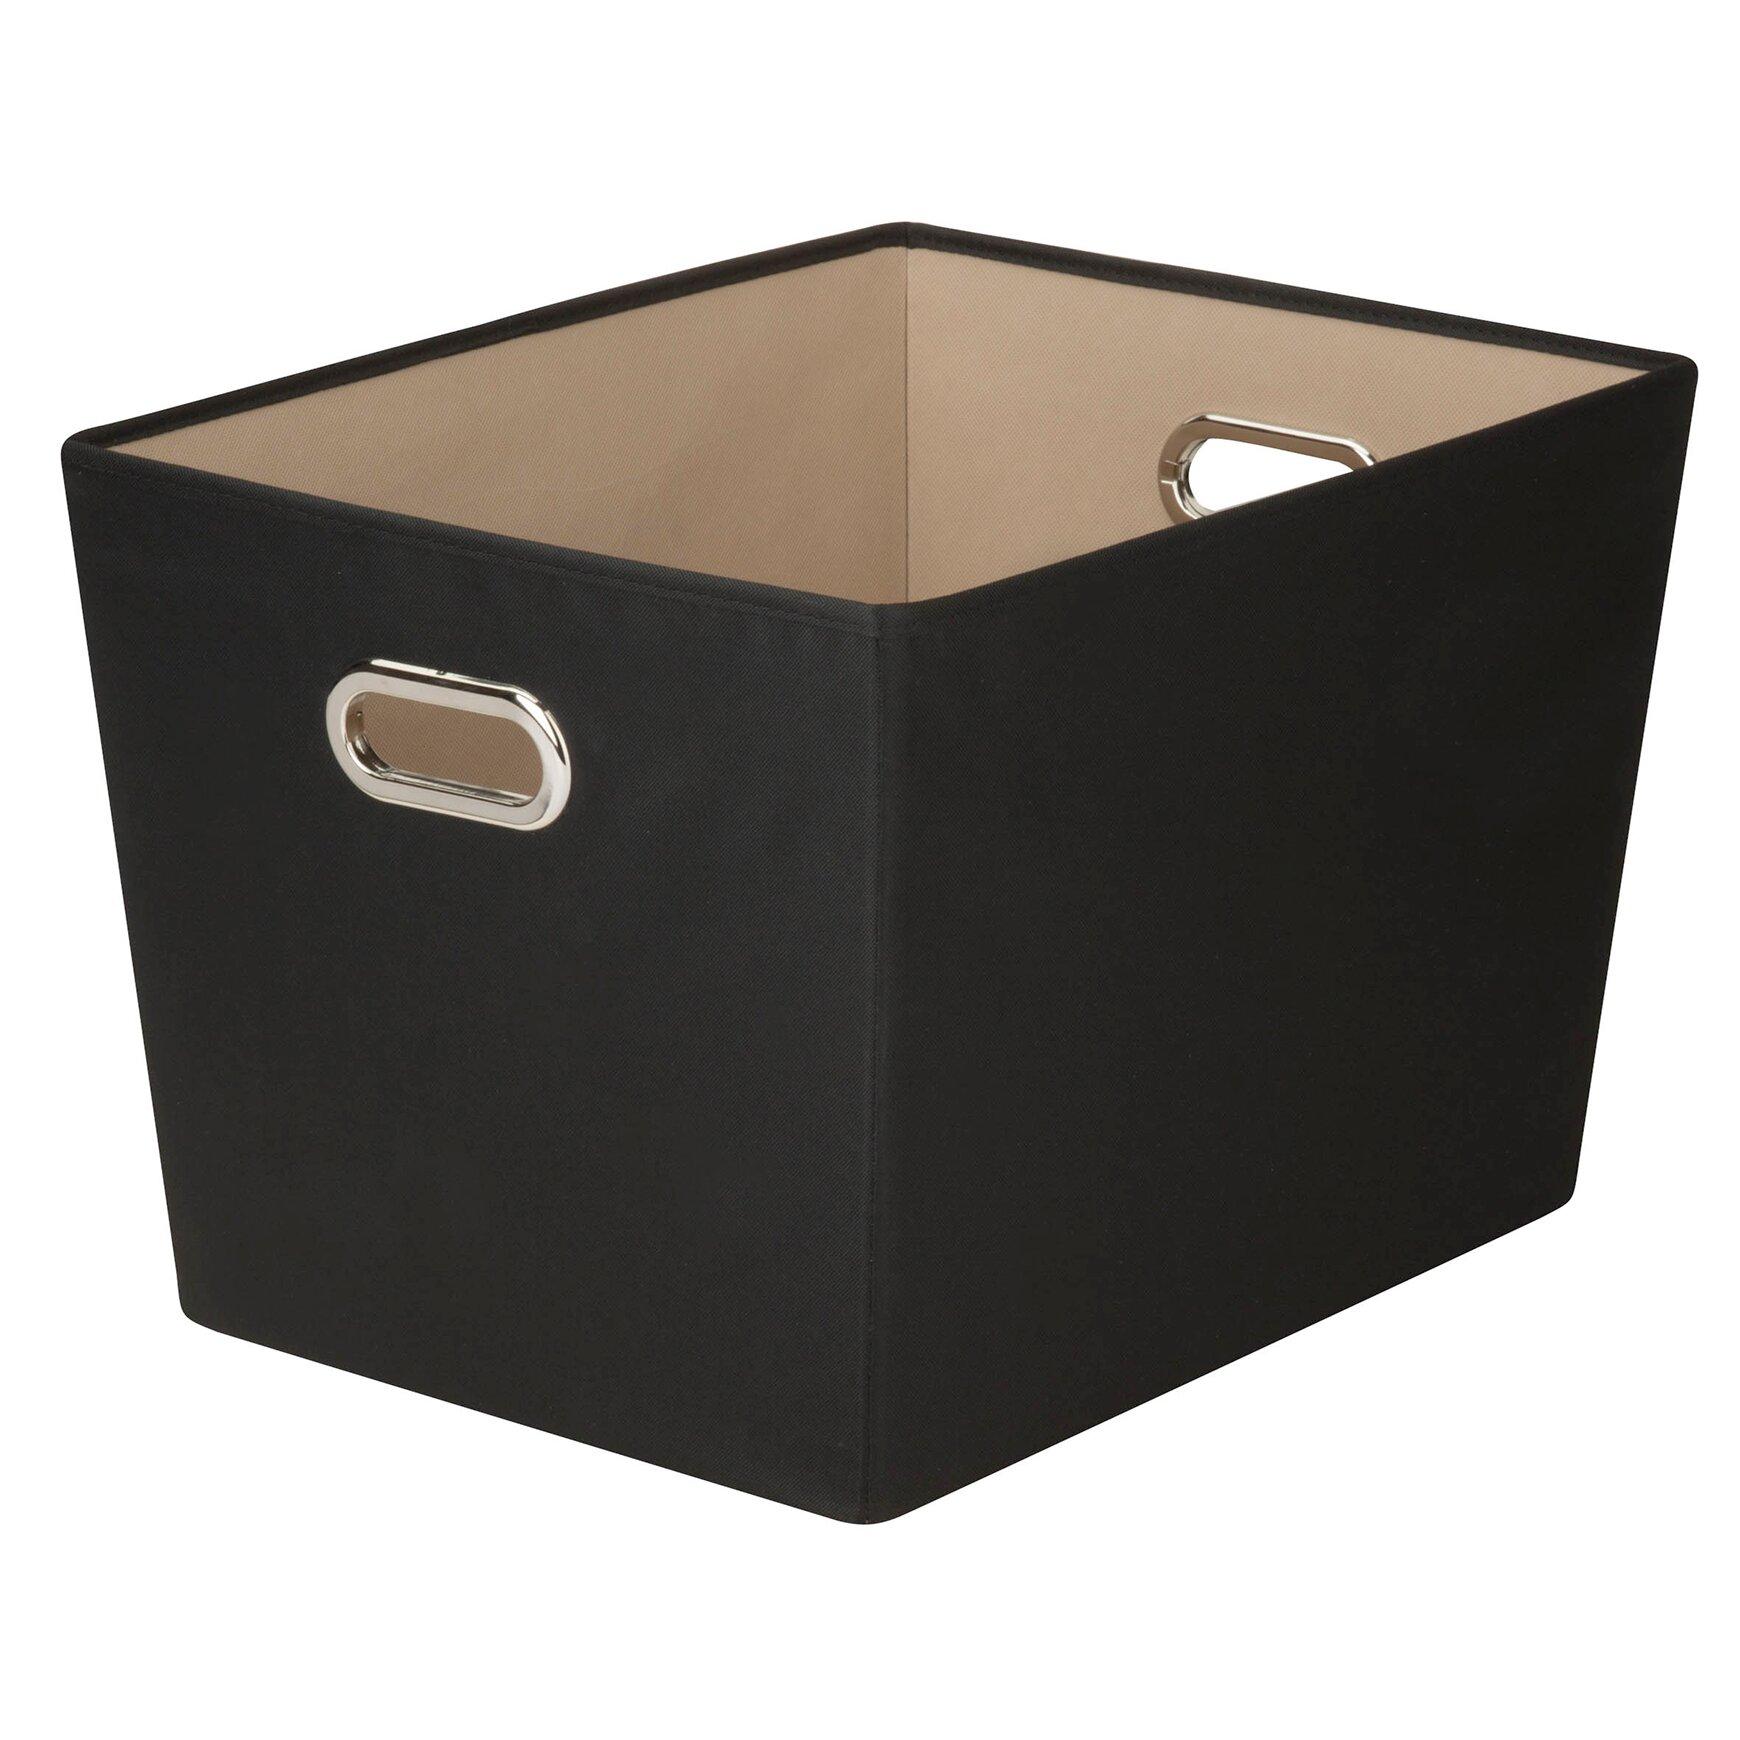 Closet storage bins and baskets - Benson Canvas Storage Bin